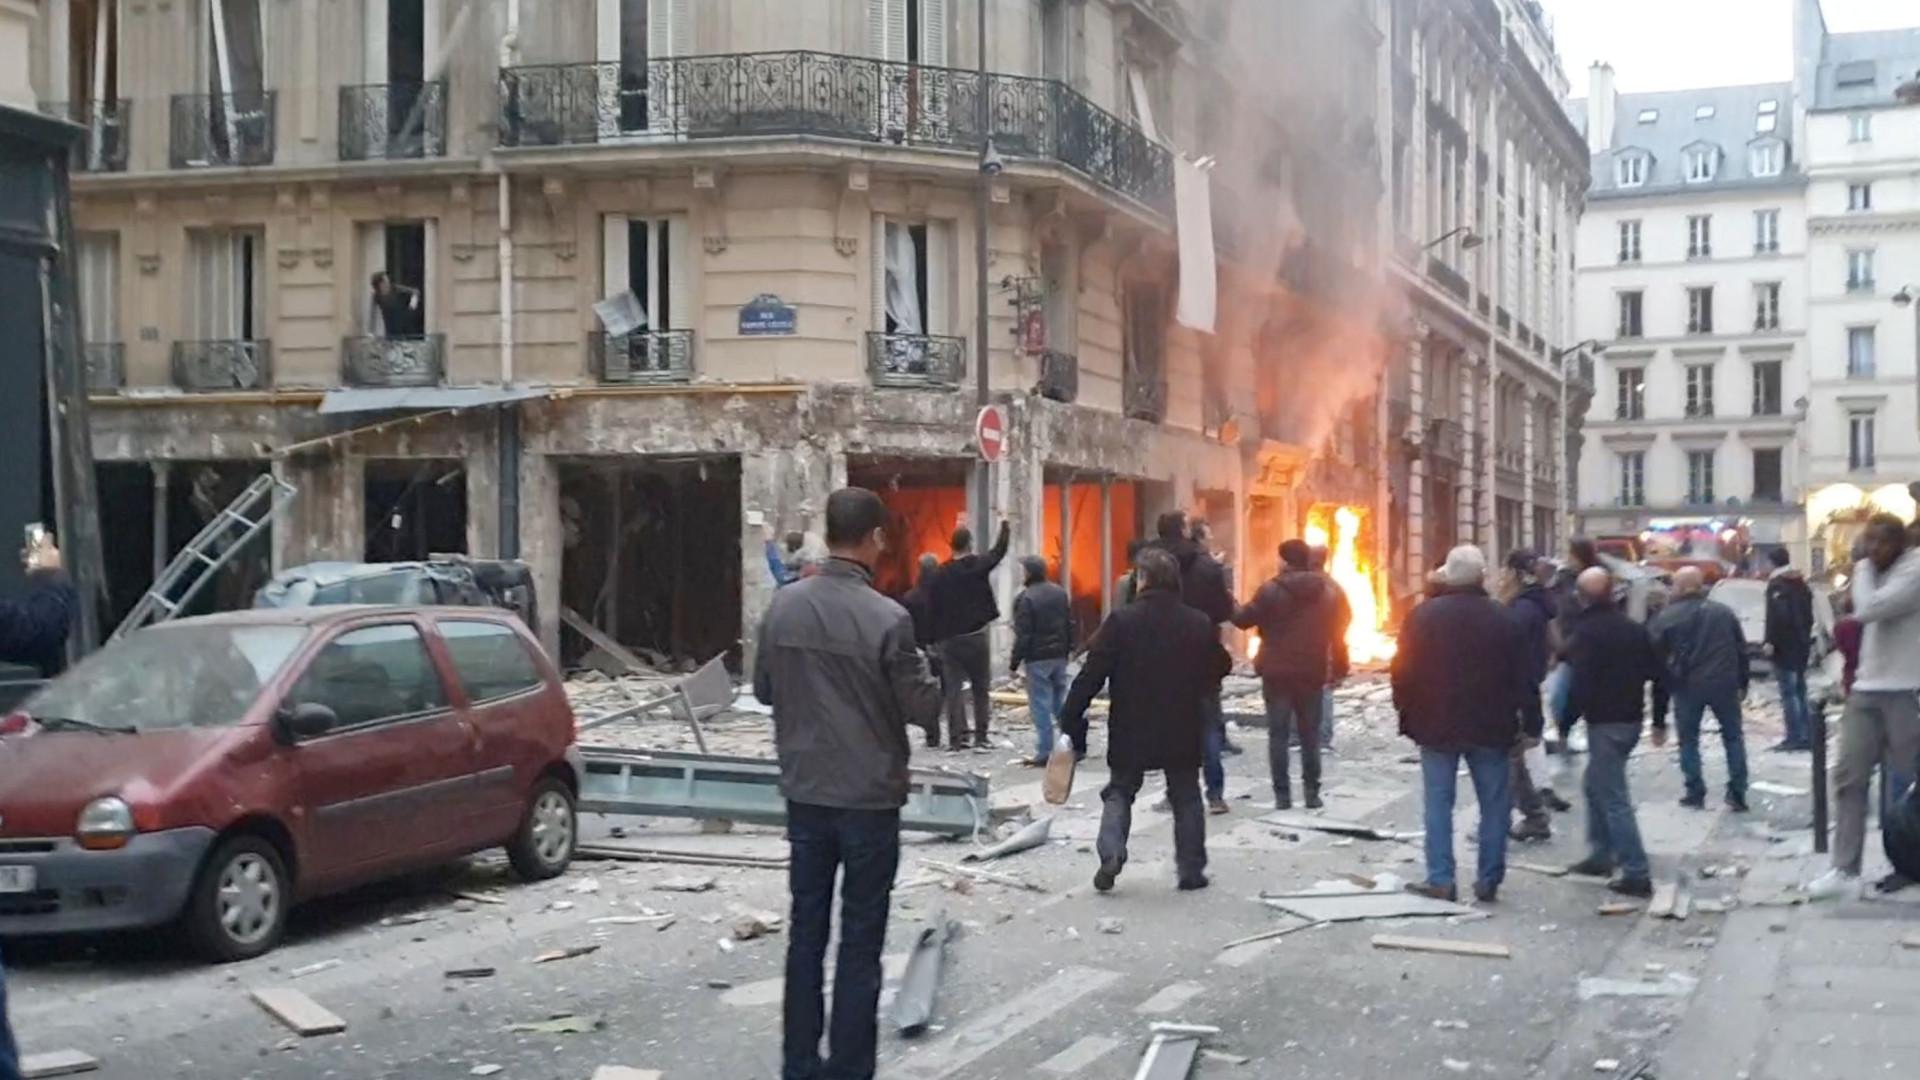 Veja fotos da explosão que deixou mortos e feridos em Paris